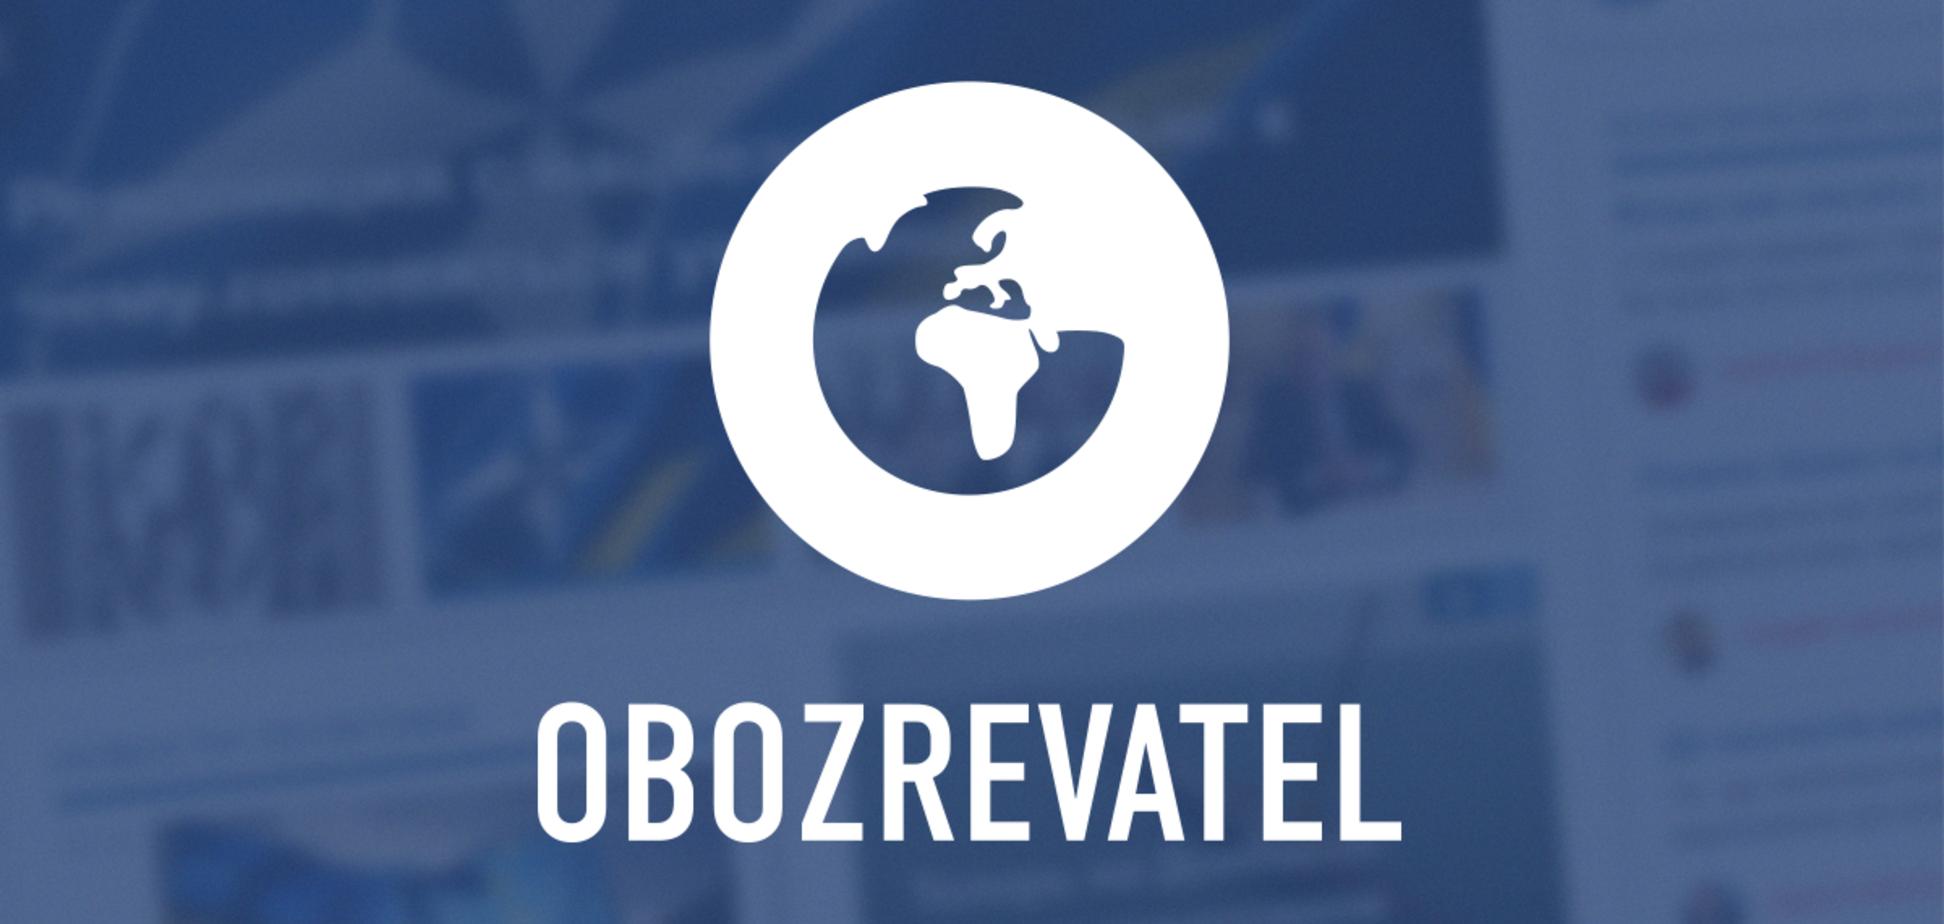 Смартфон за просмотр новостей: OBOZREVATEL объявил конкурс для читателей